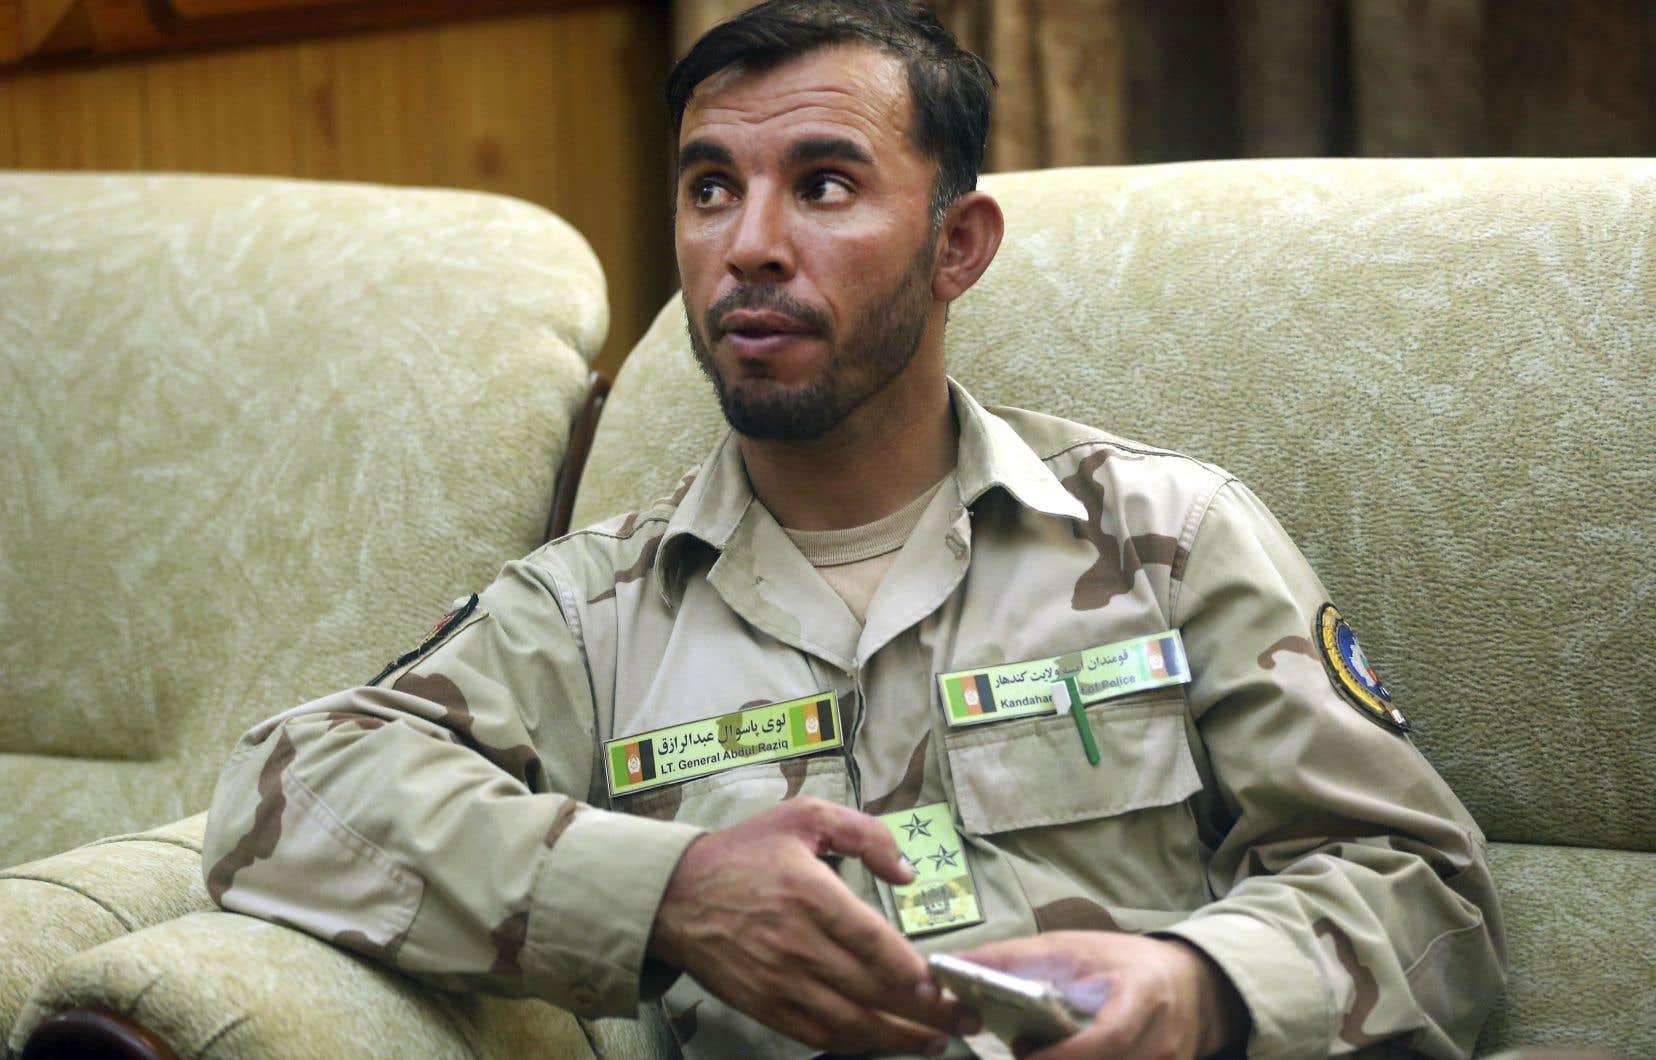 Tué jeudi, le général Abdul Raziq avait survécu à de nombreux attentats ces dernières années.